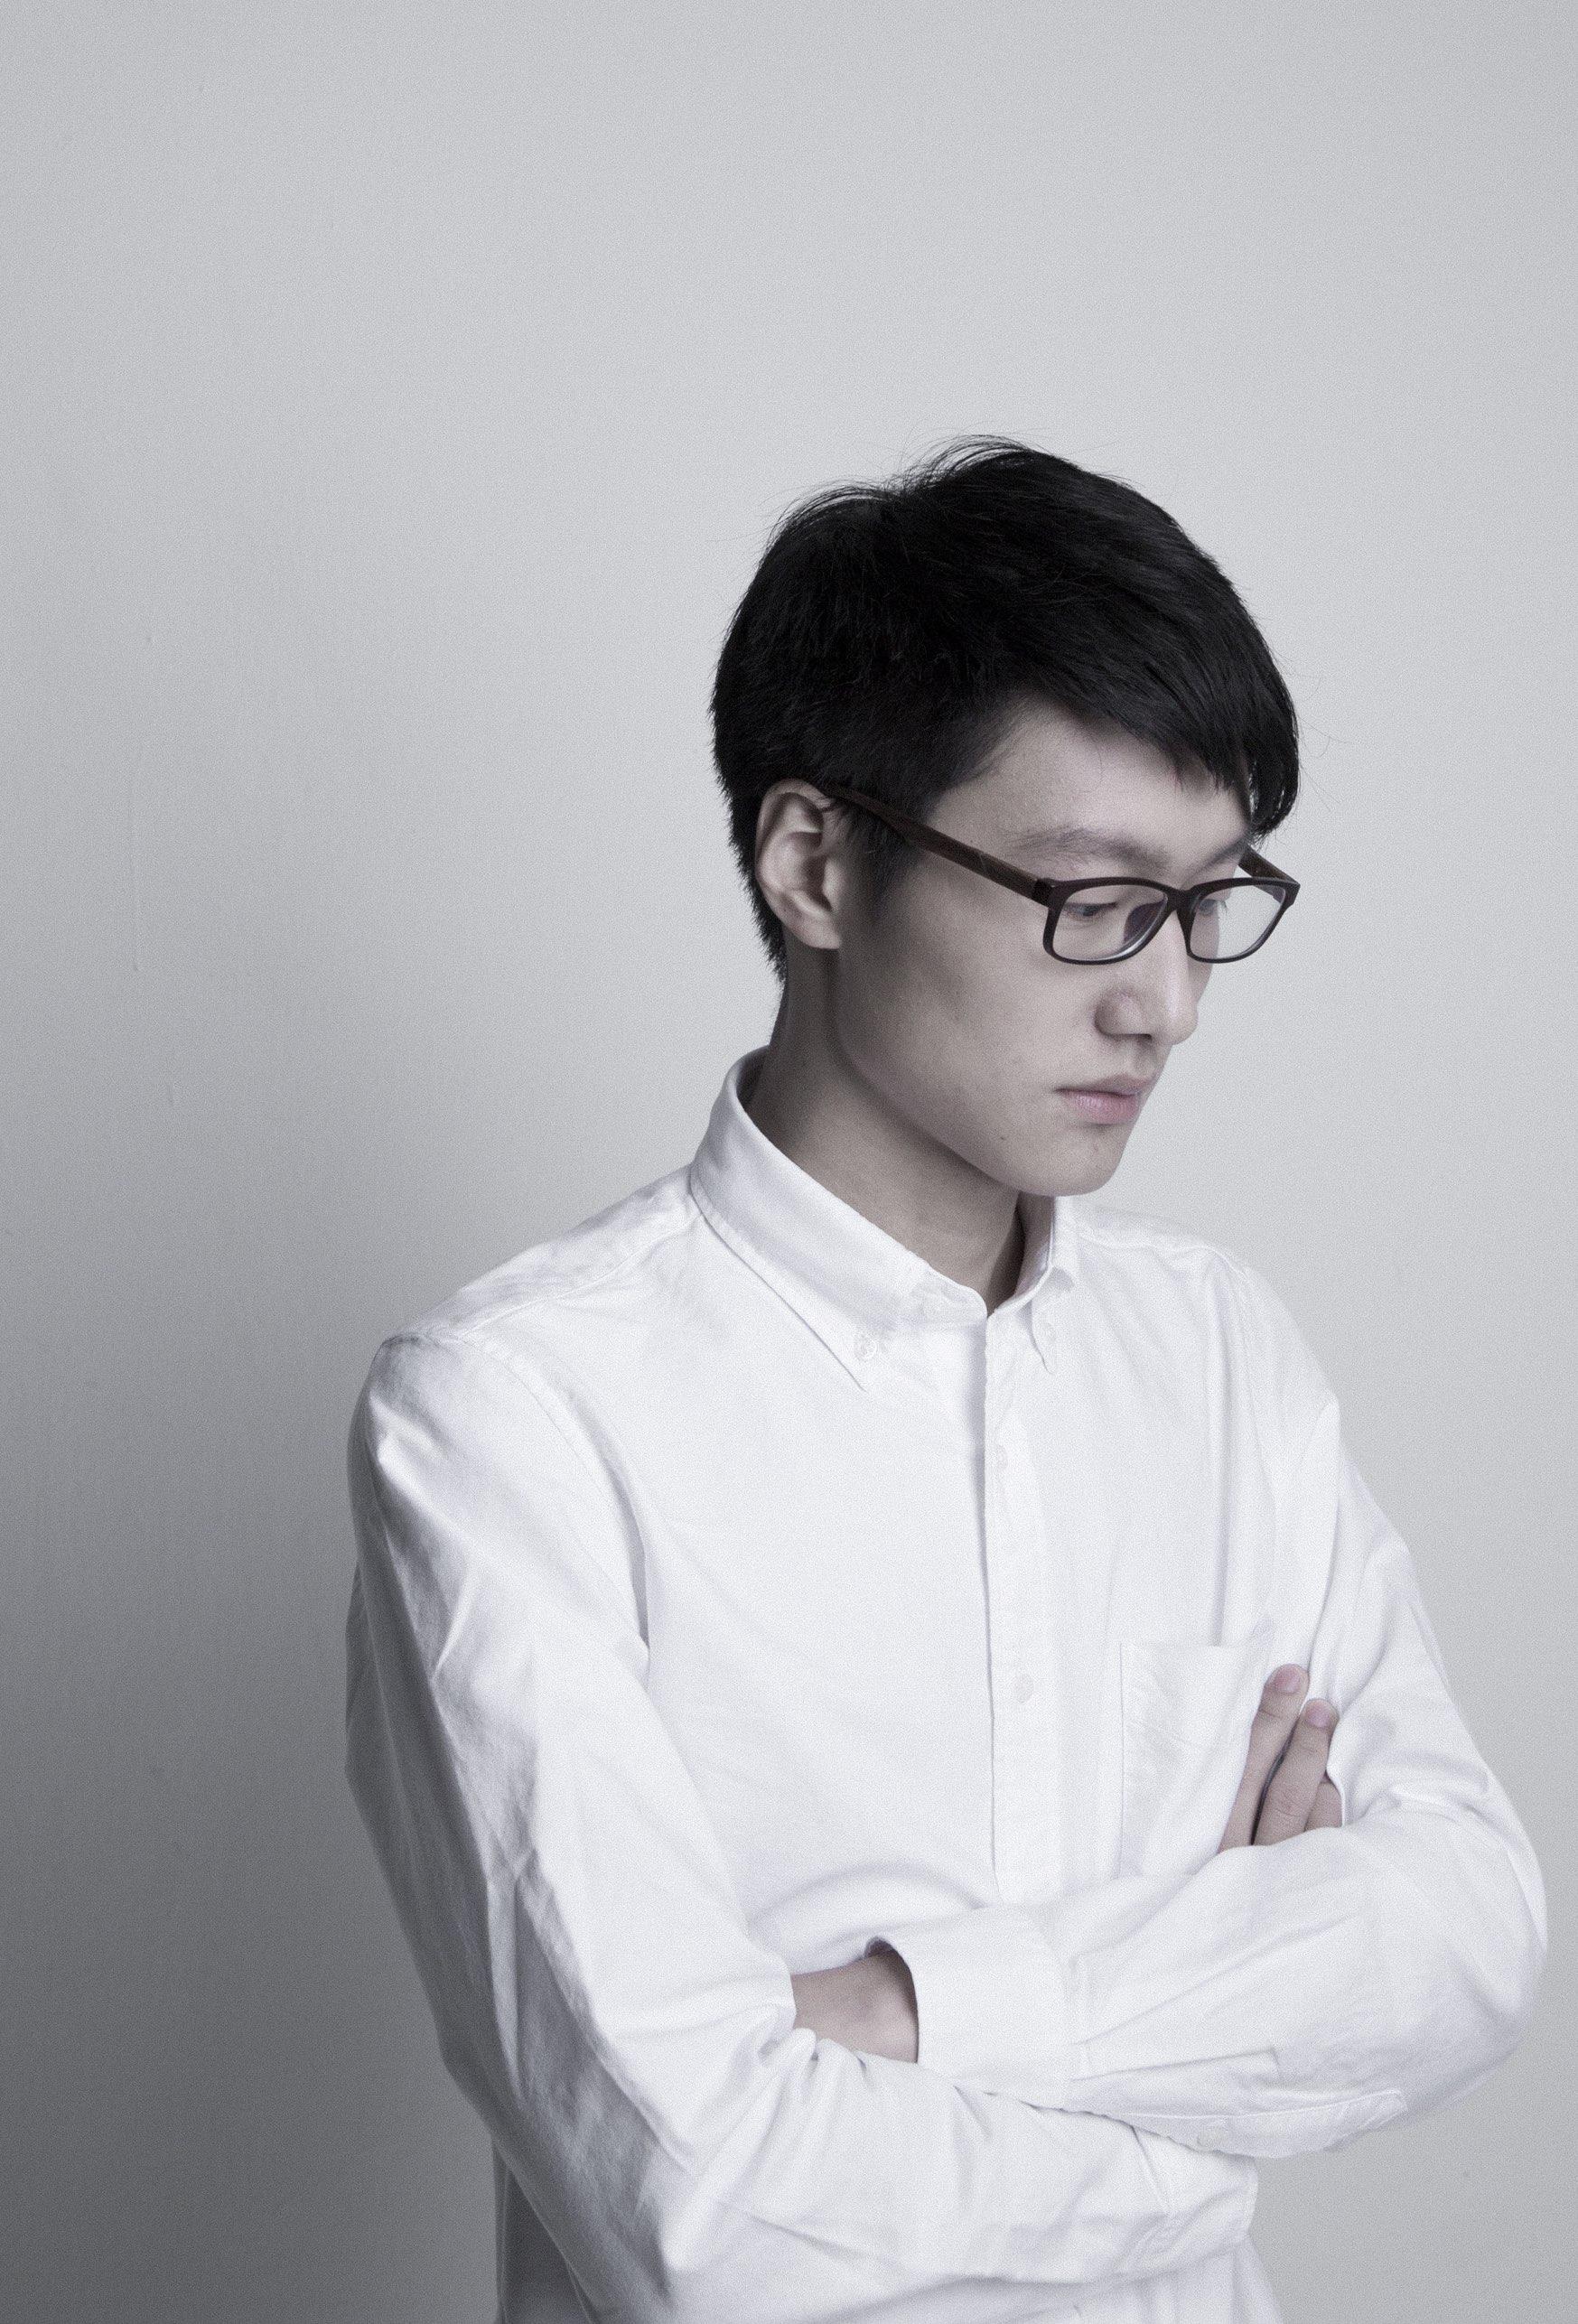 仇晟 Qiu Sheng